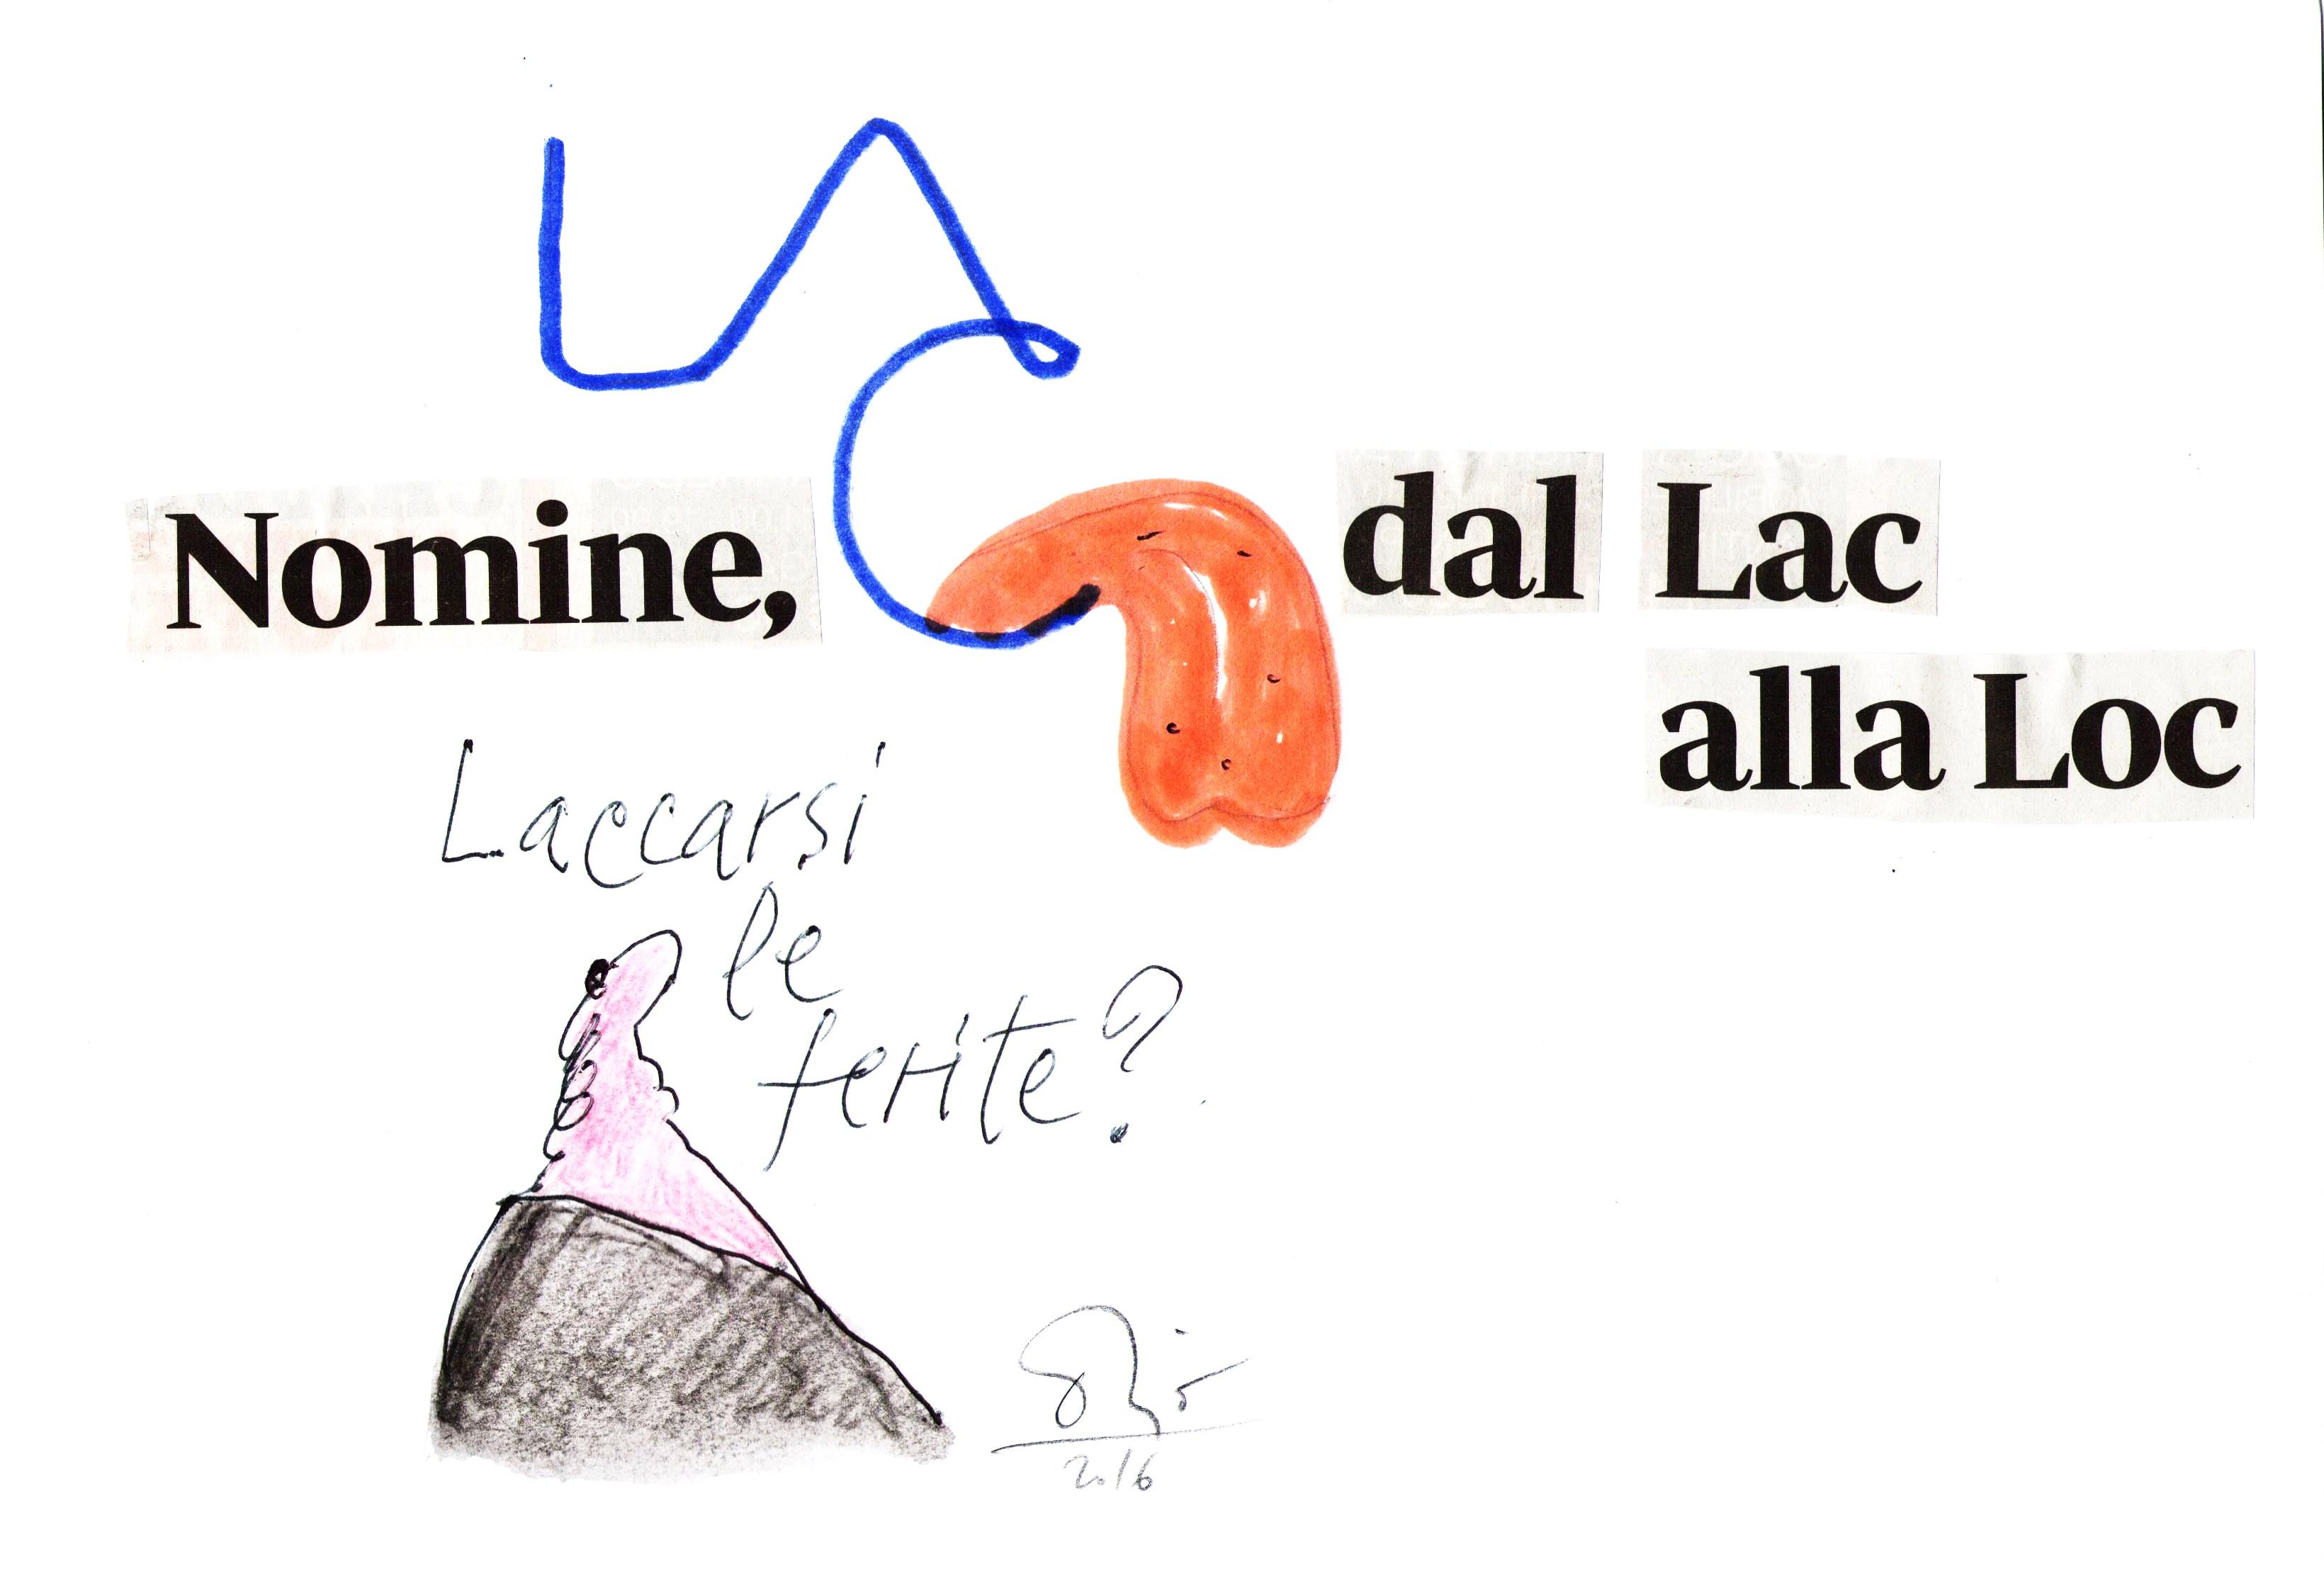 dal-lac-alla-loc